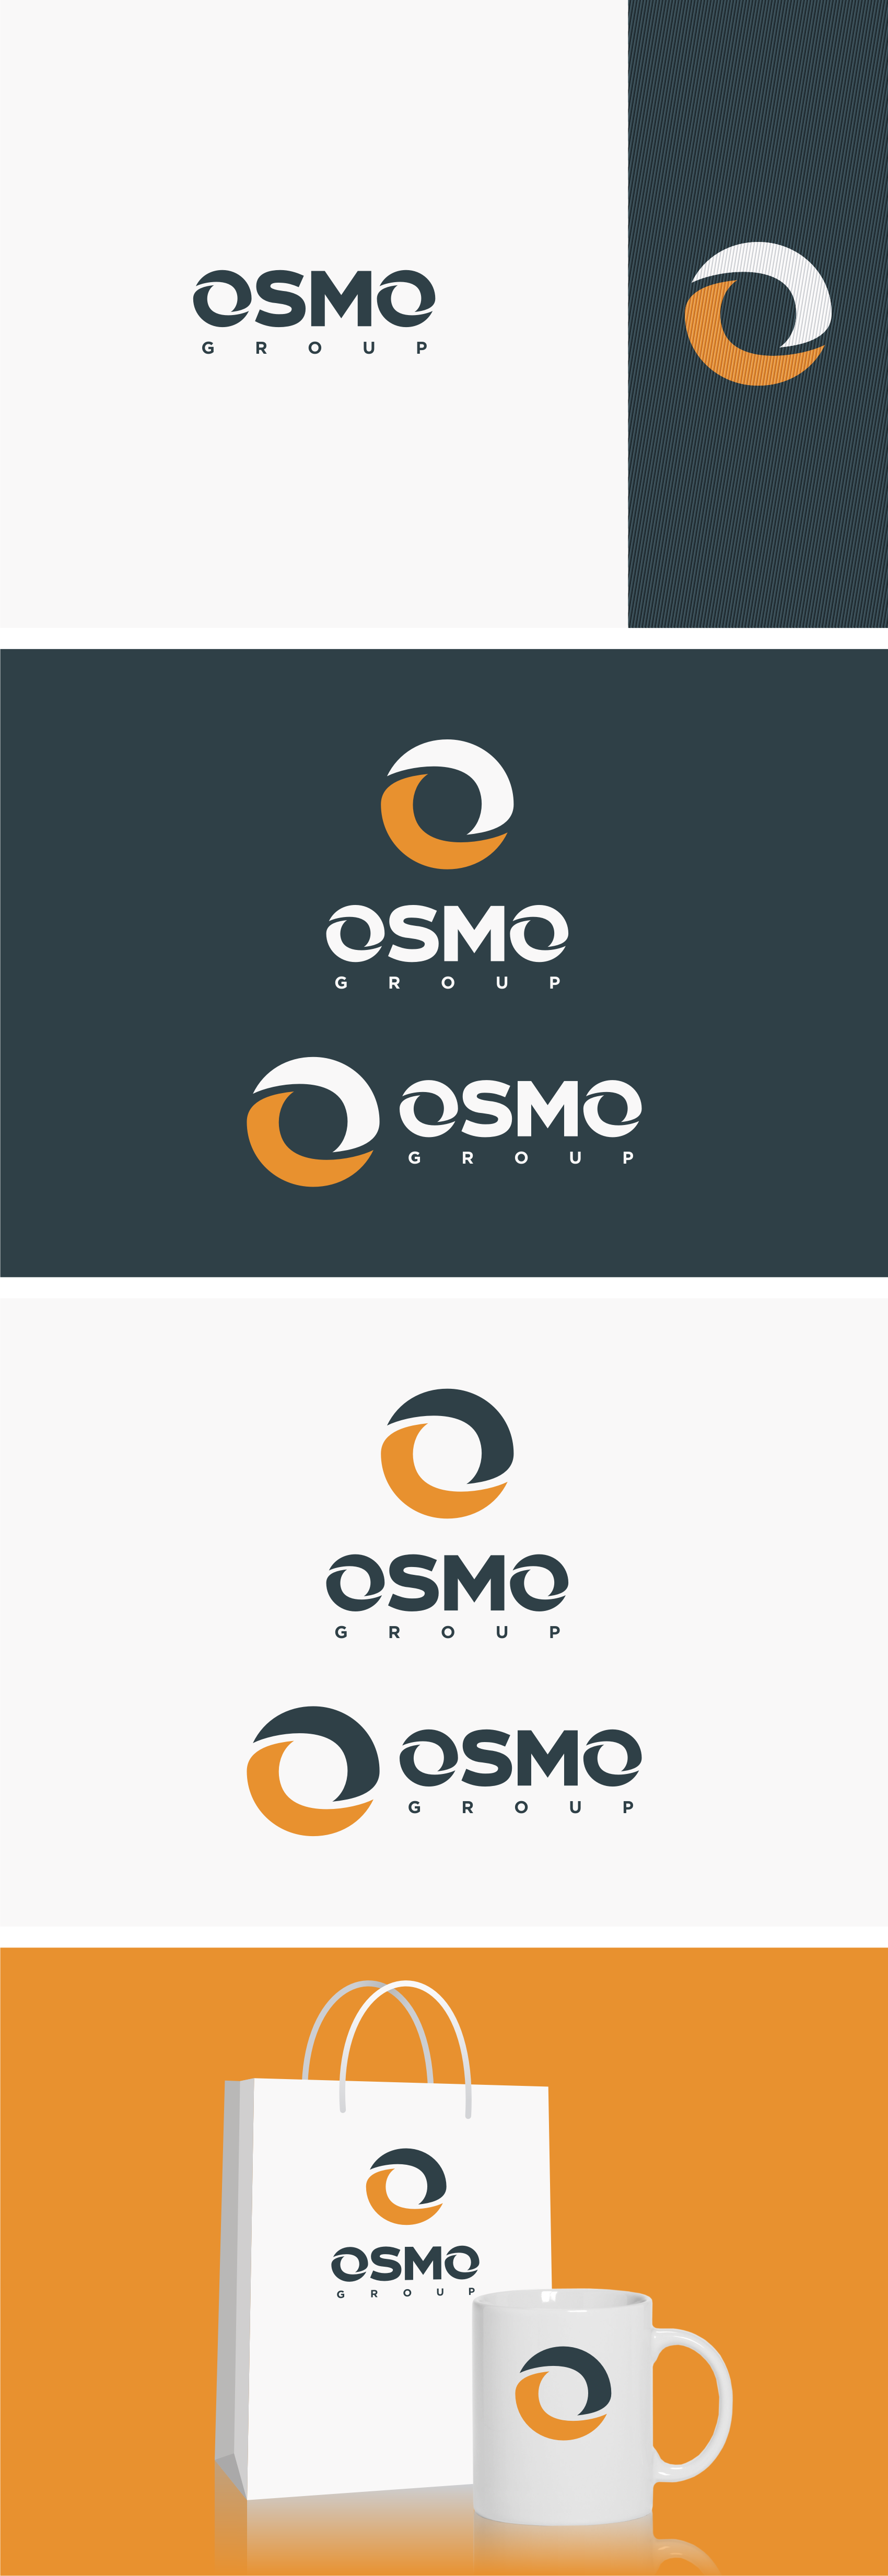 Создание логотипа для строительной компании OSMO group  фото f_87059b4dc212dce7.png